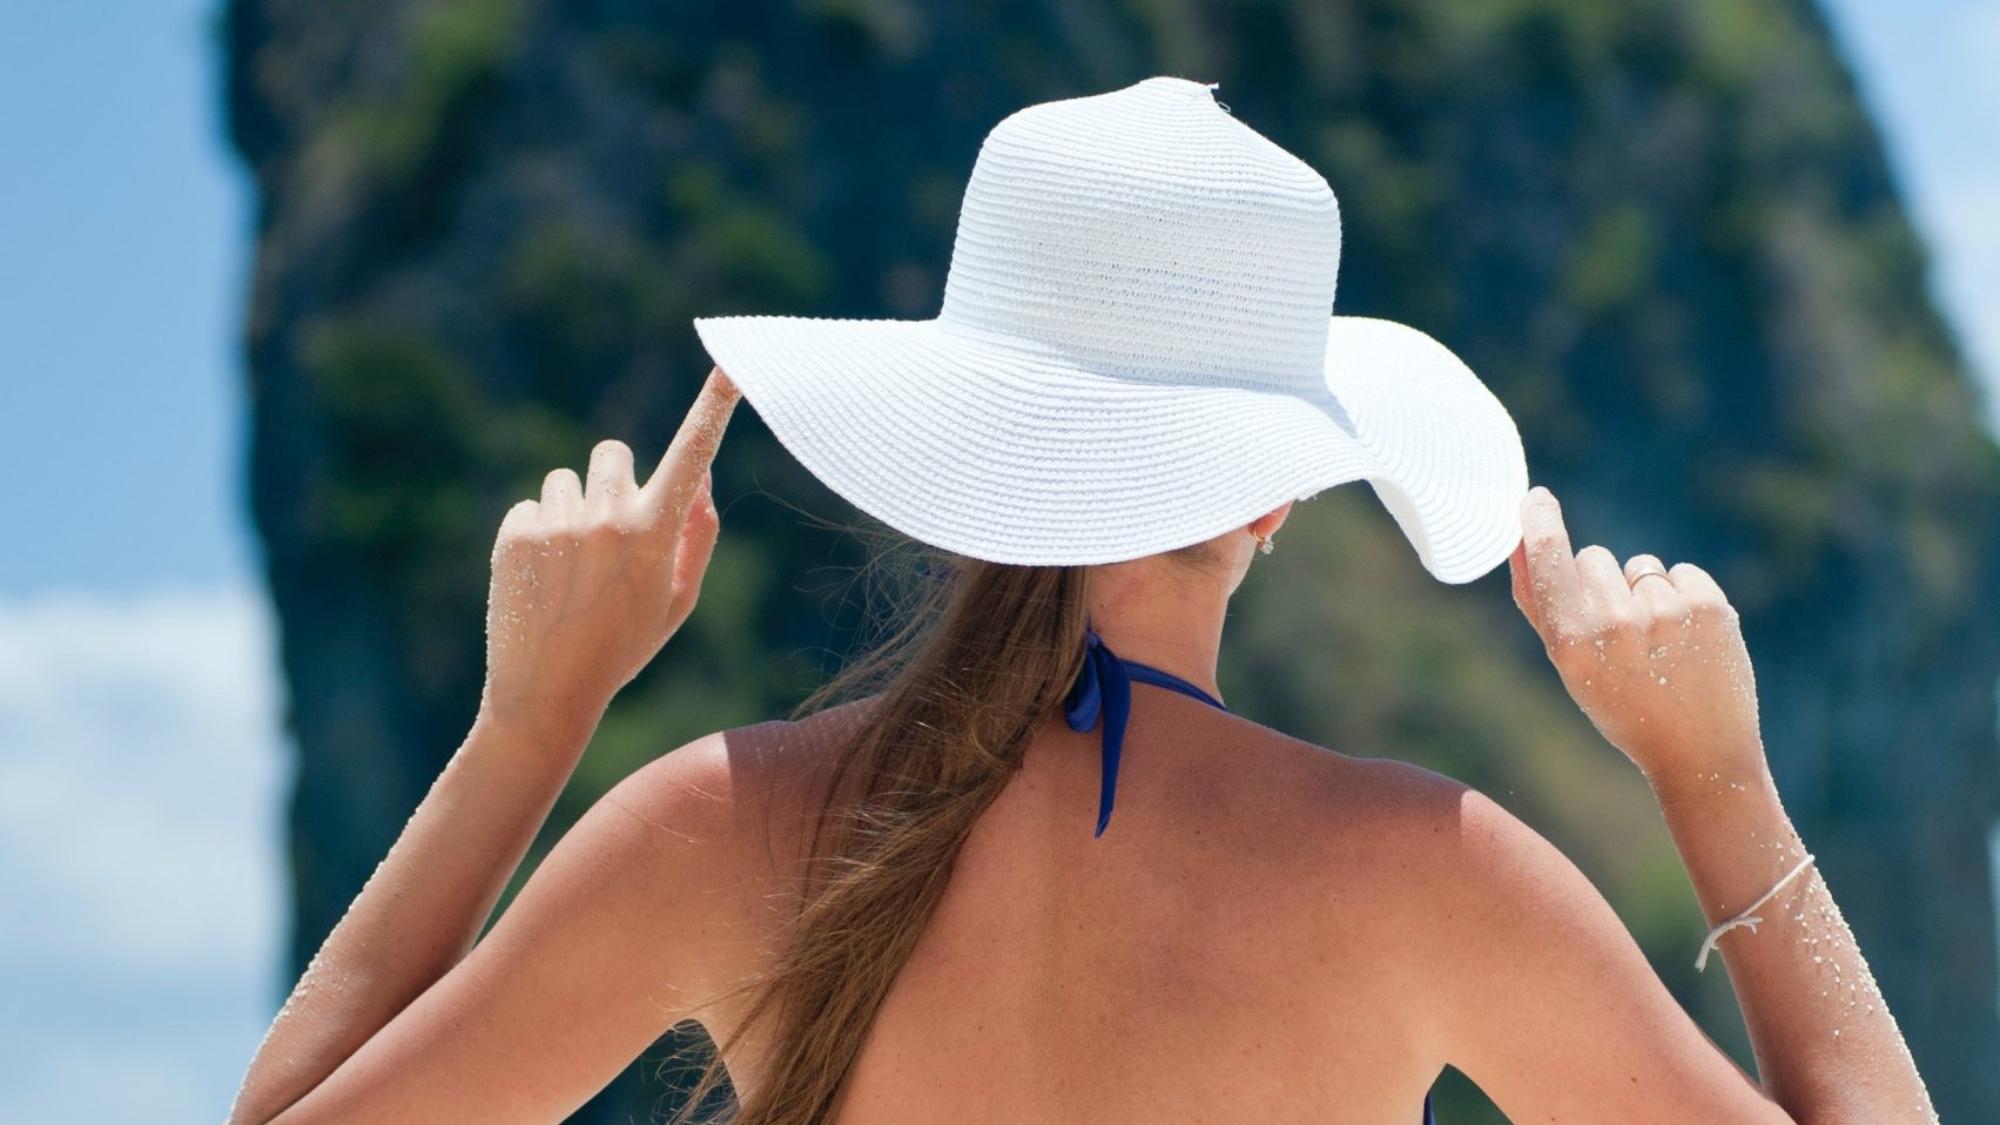 woman-in-blue-bikini-set-wearing-white-sun-hat-in-front-of-1007679